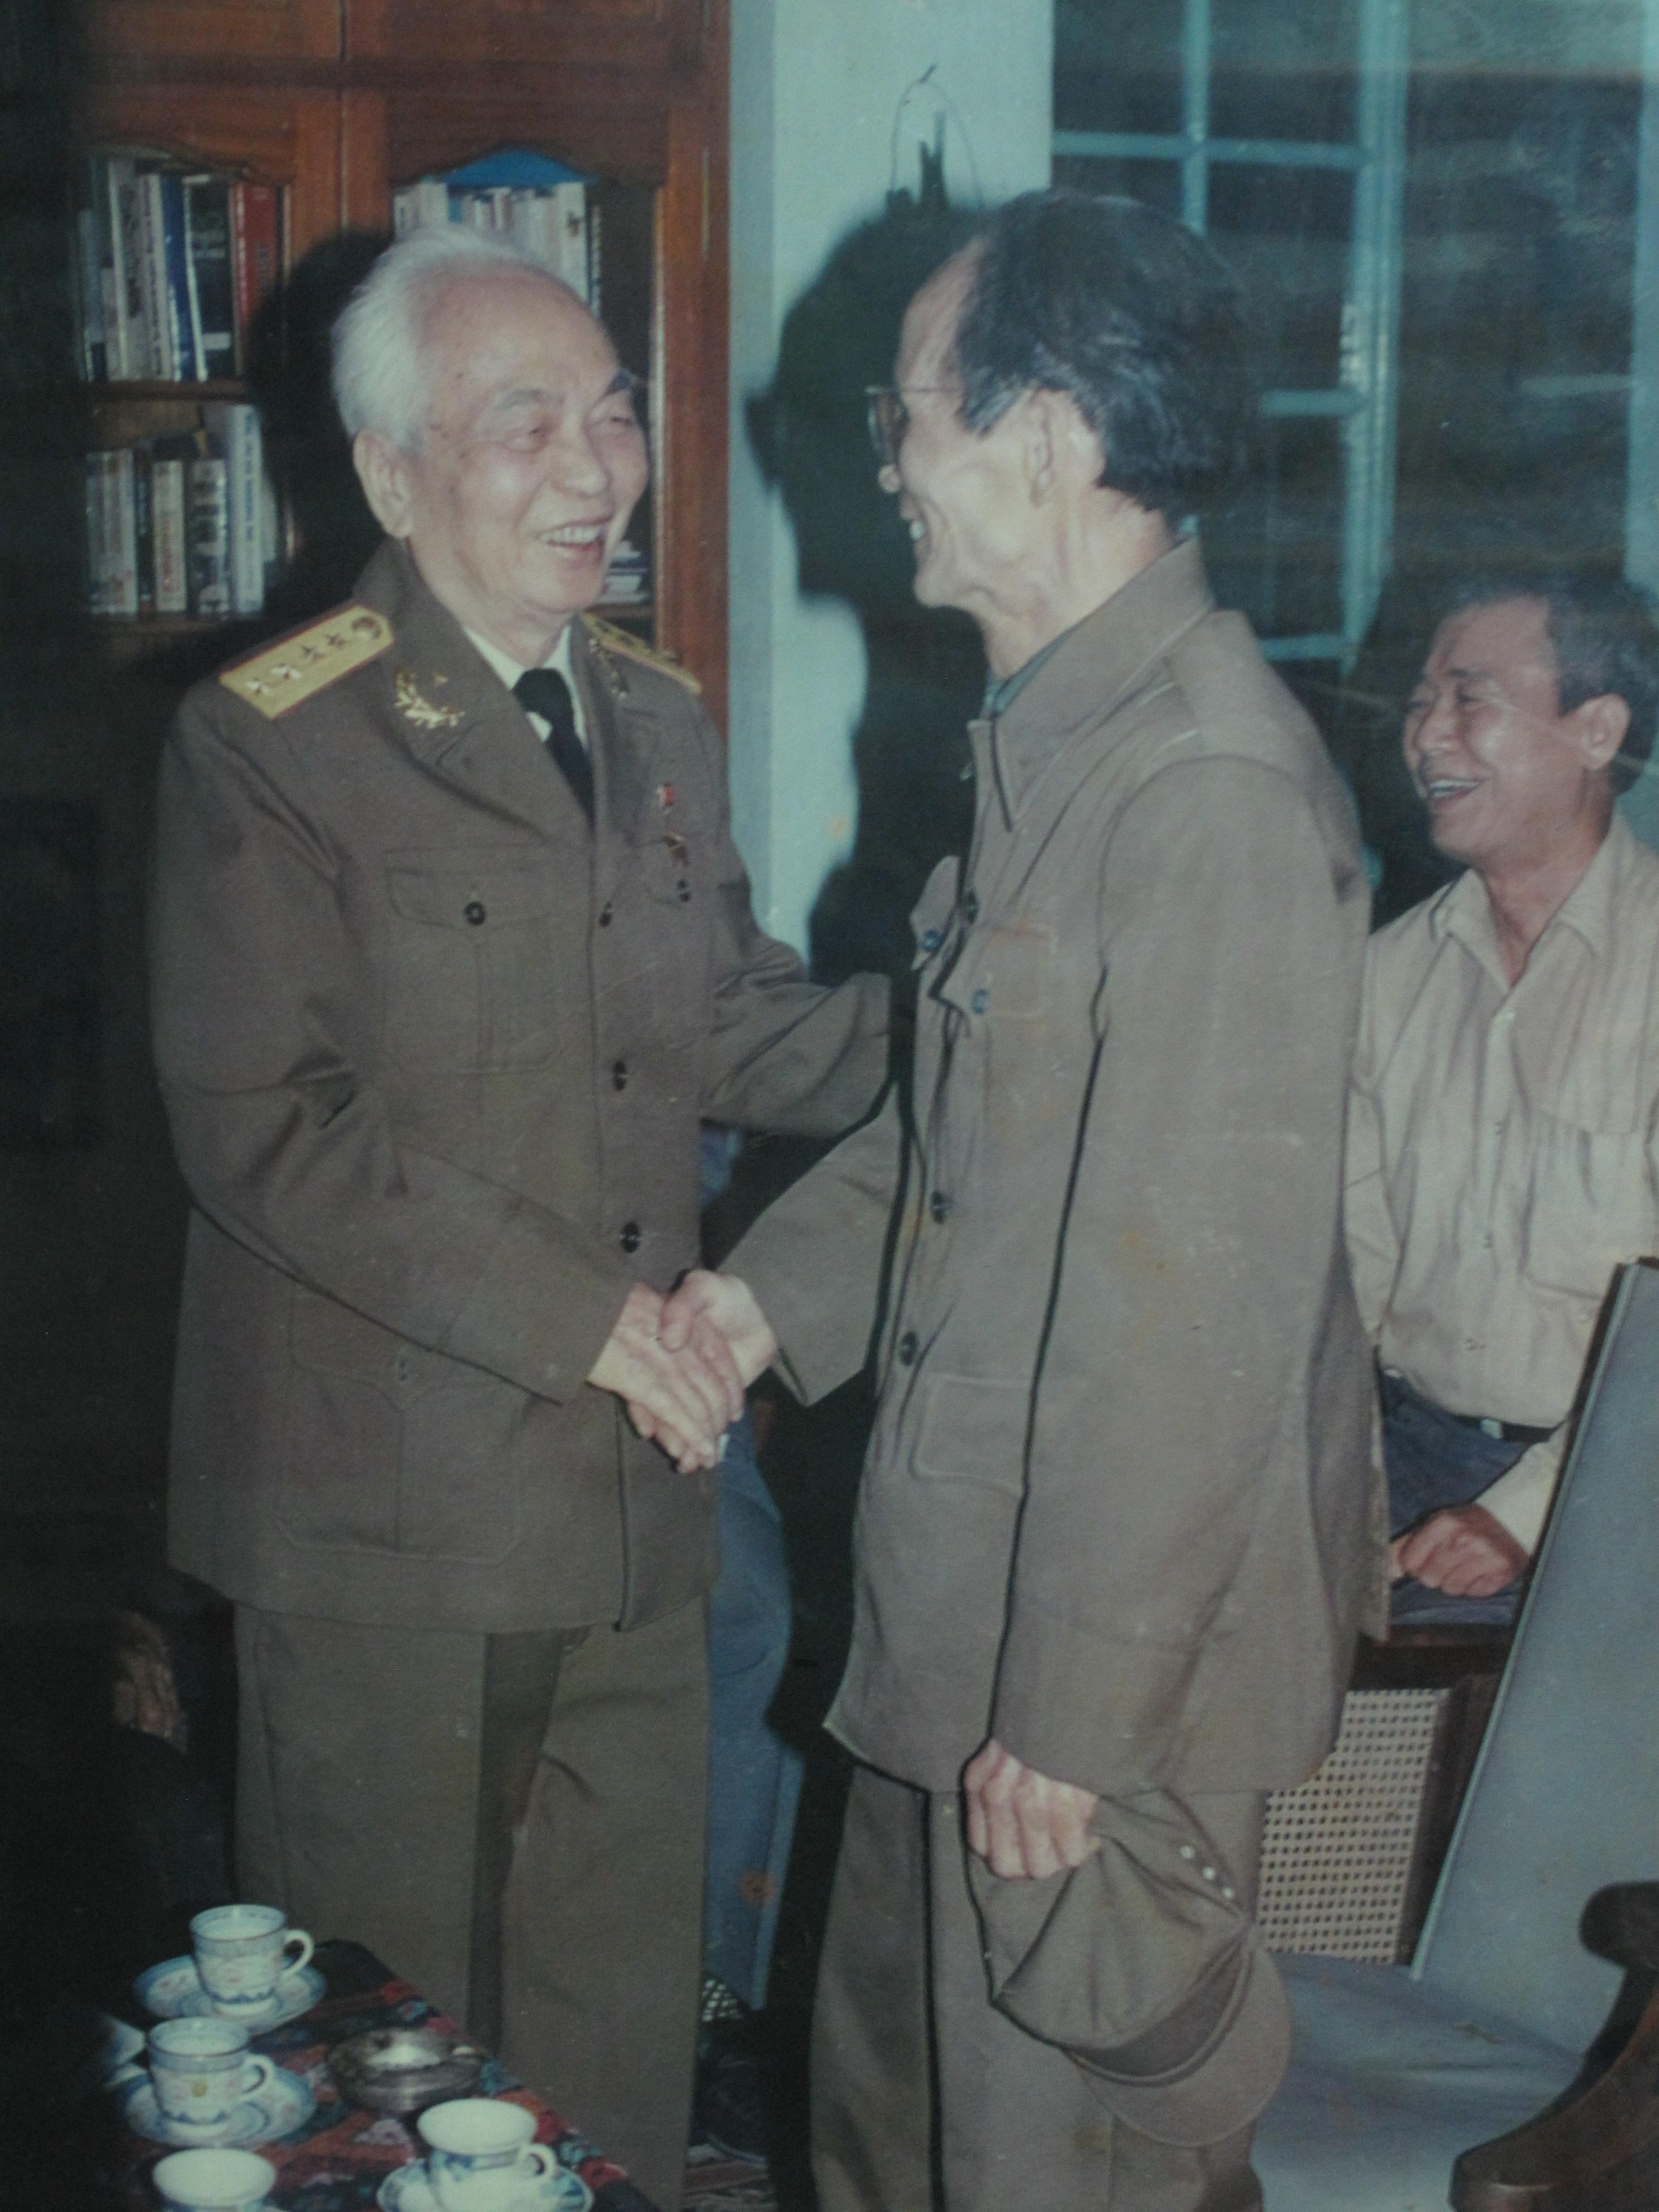 Đại tá Siêu Hải thăm Đại tướng Võ Nguyên Giáp. Ảnh tư liệu gia đình.